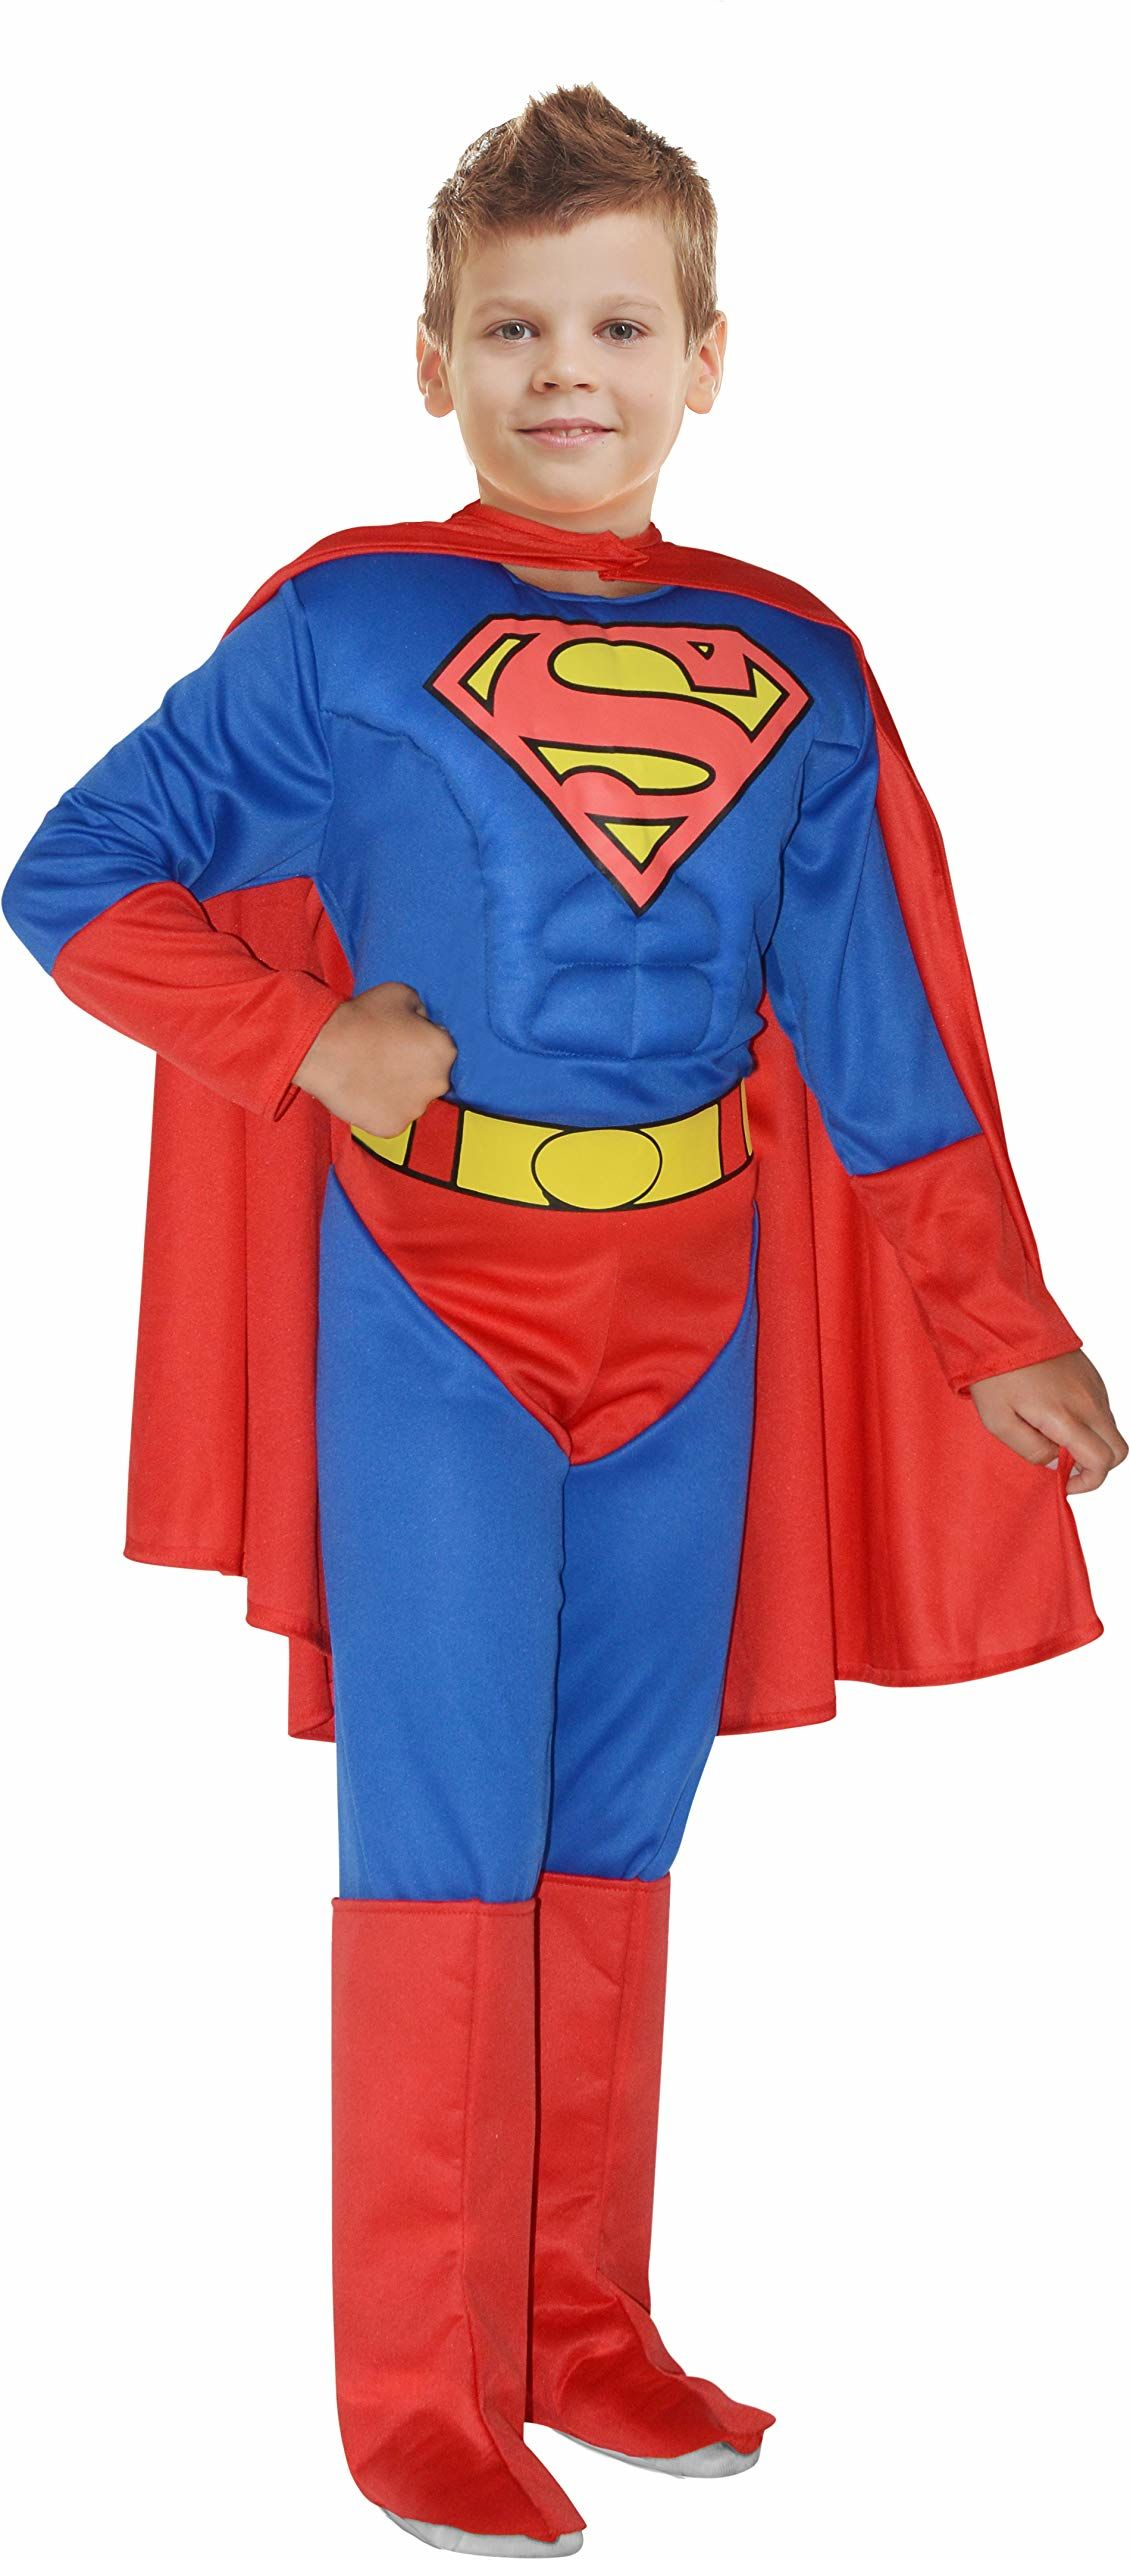 Ciao-Superman Original DC Comics kostium dziecięcy (rozmiar 10  12 lat) z wyściełaną muskulaturą piersiową, kolor niebieski/czerwony, 11699.10  12